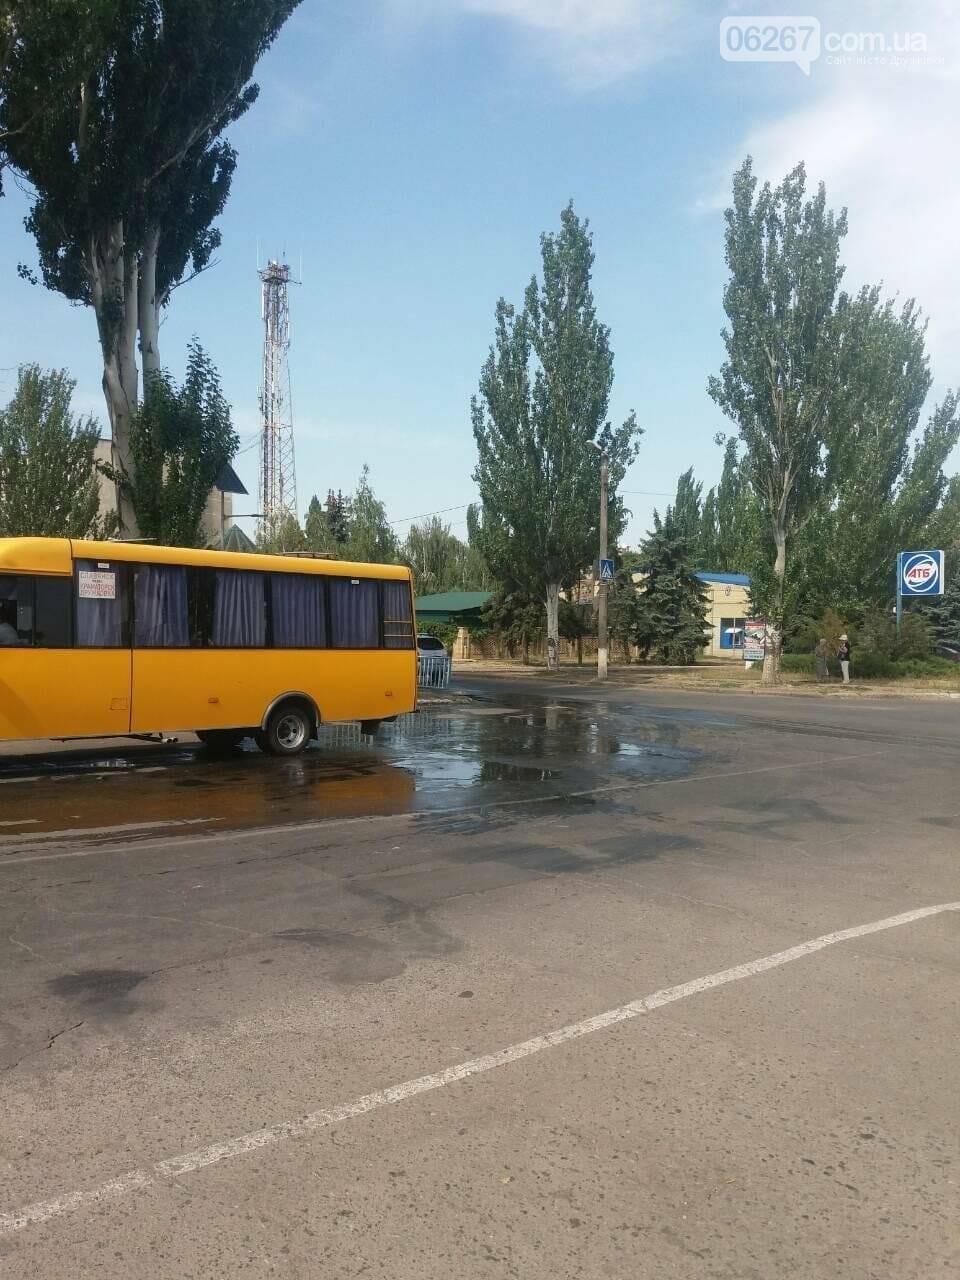 Дружківка: Воду сьогодні відключено через аварію на перехресті вулиць Космонавтів та Енгельса, фото-2